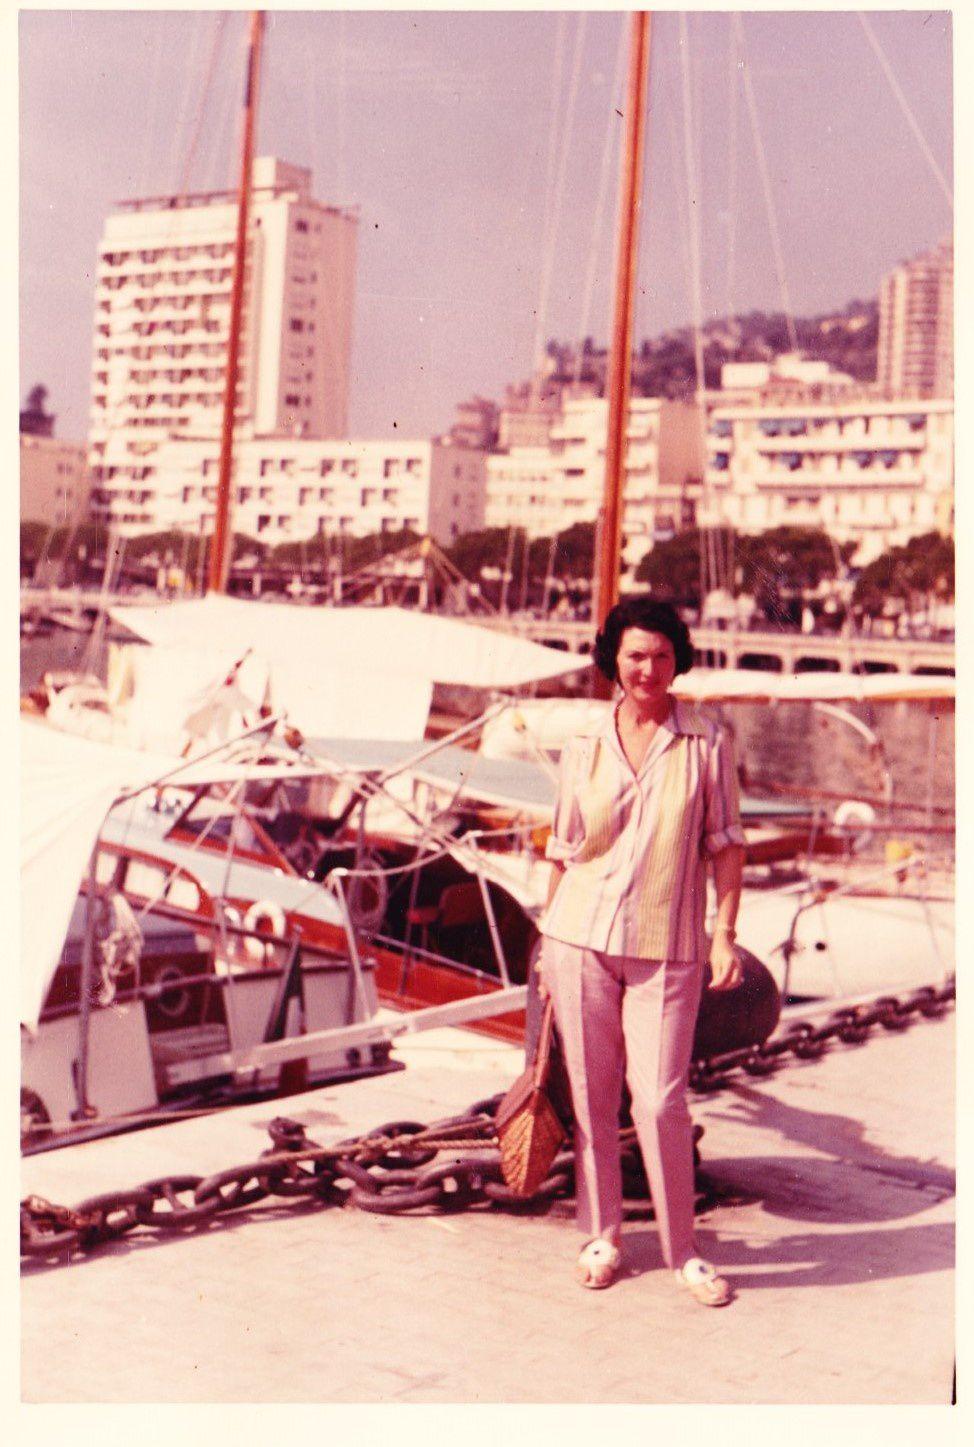 Devant des bateaux, tiens... tiens... (dans les années 60)